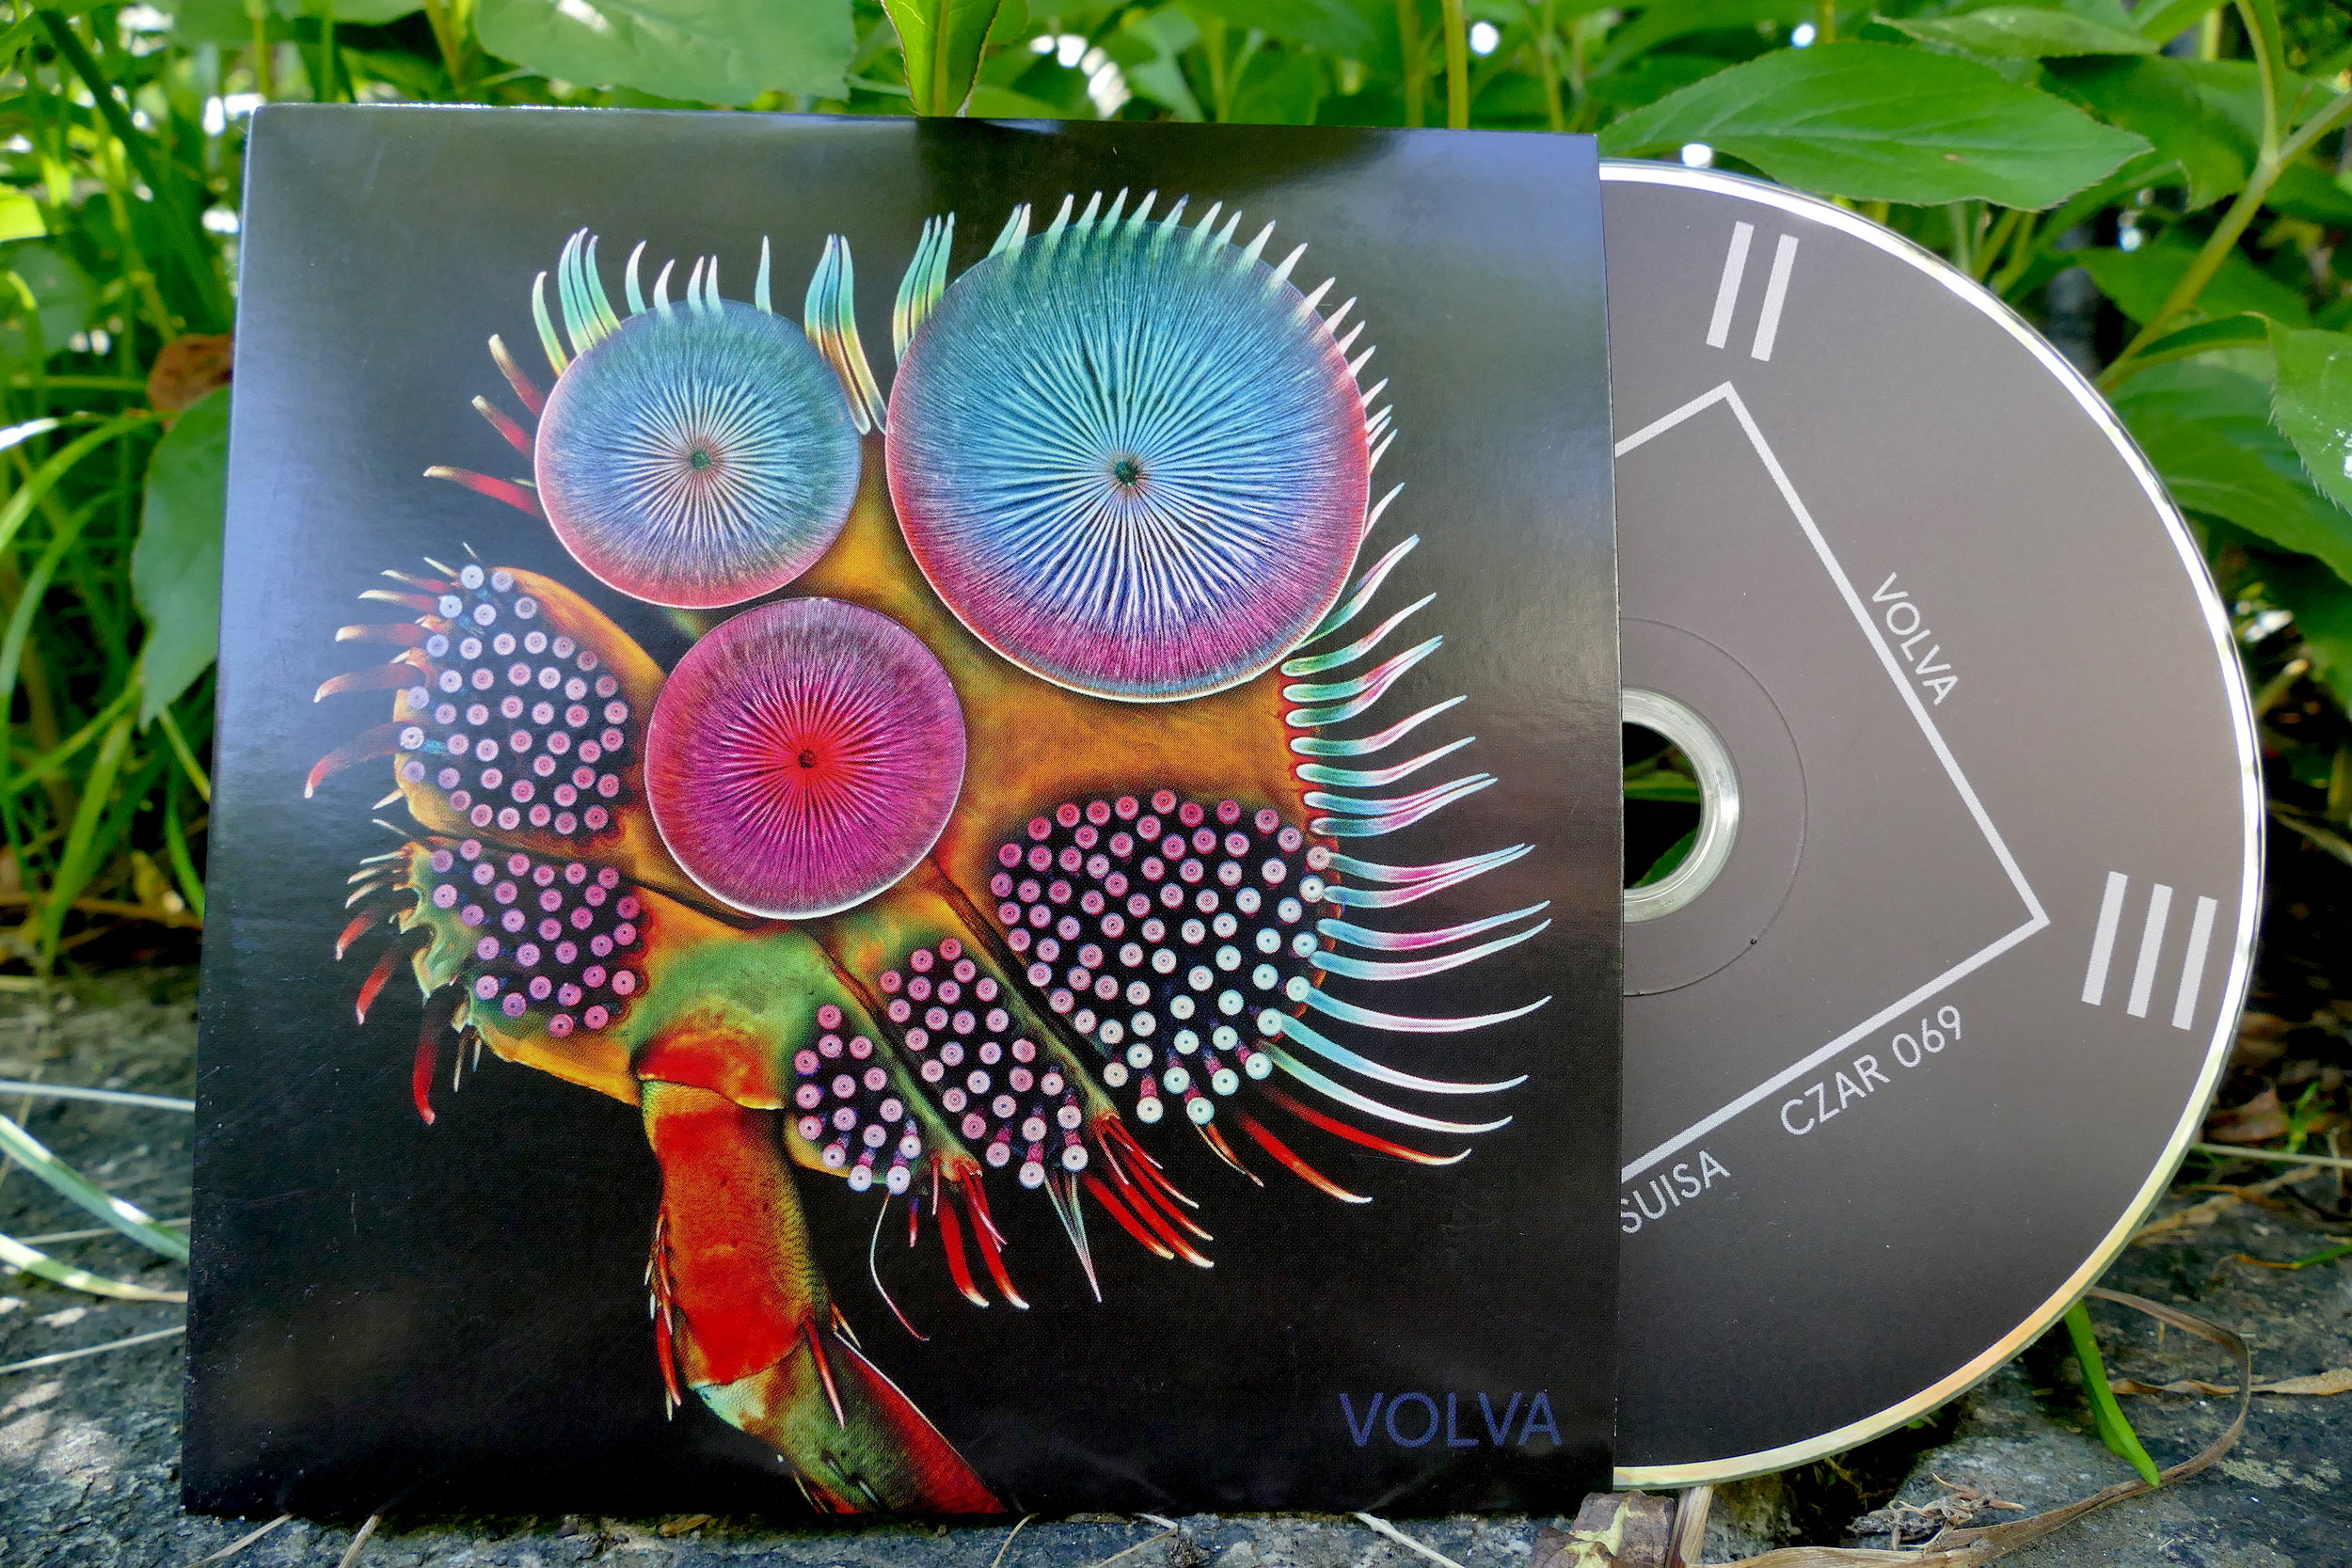 10.- - VOLVA CD400 Limited Edition